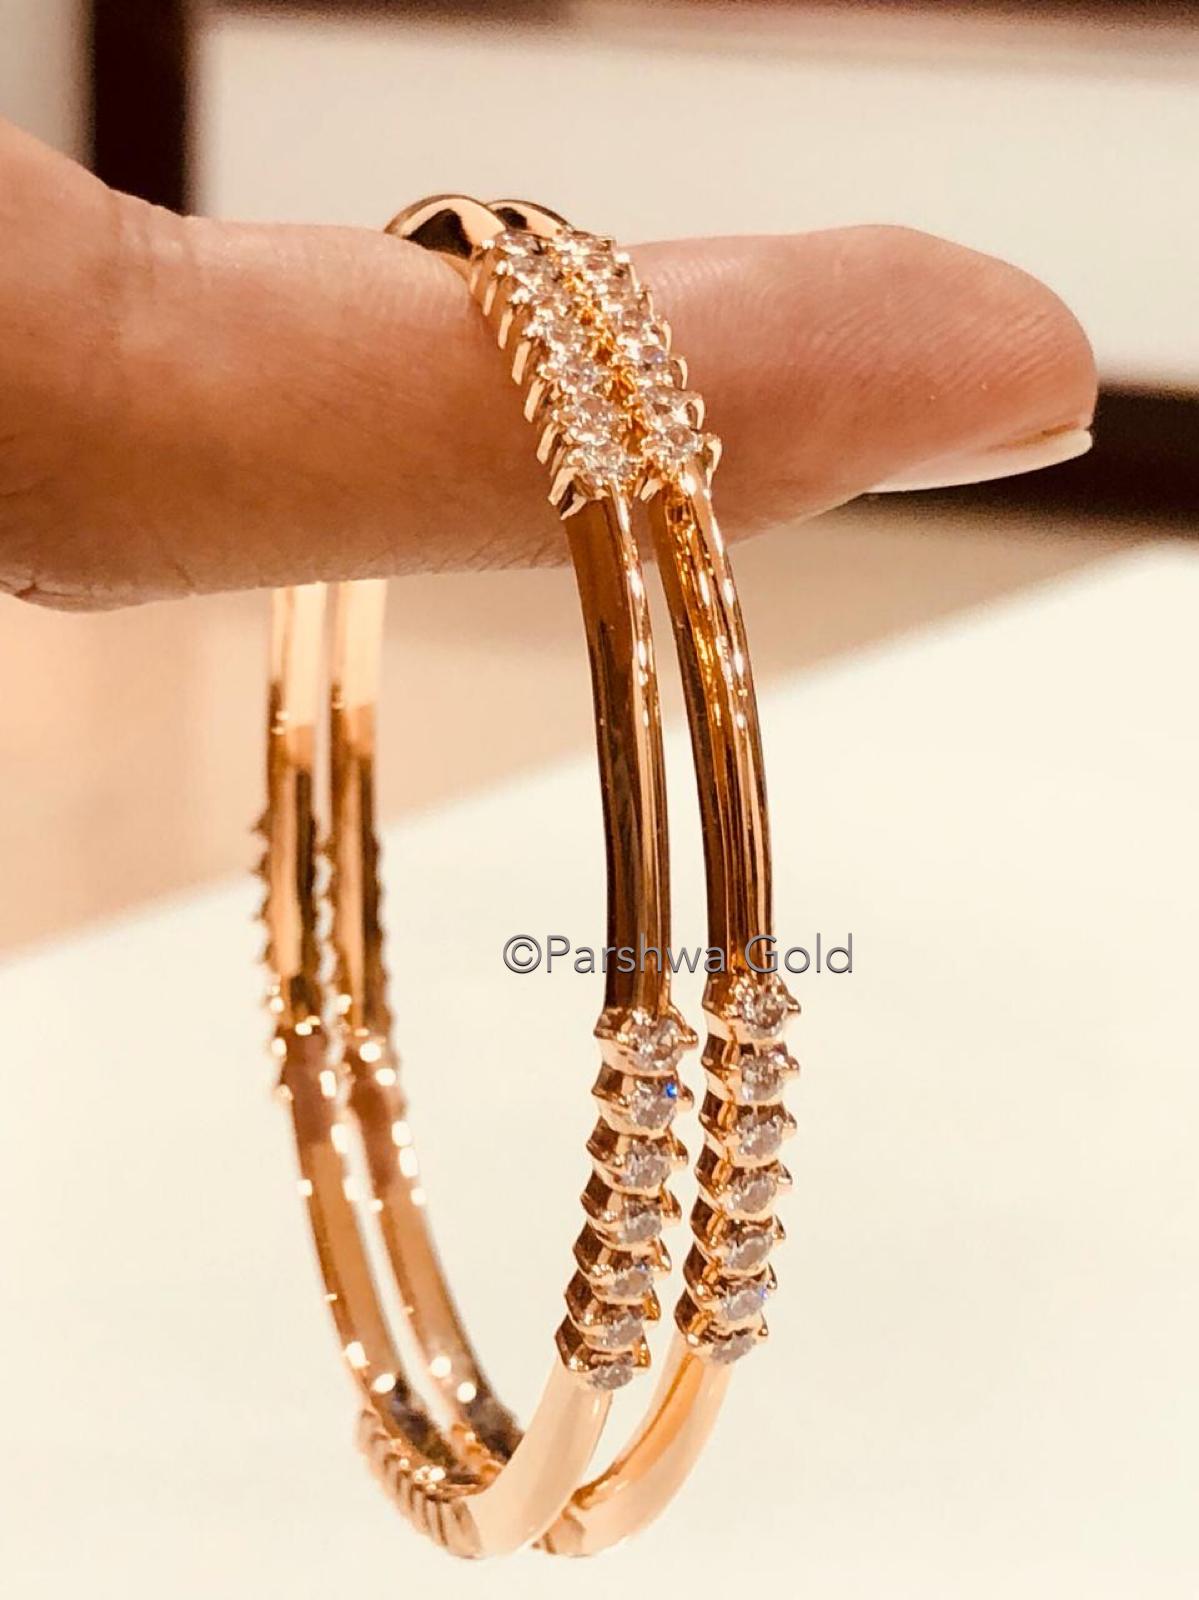 Diamond Bangles by Parshwa Gold Bangalore